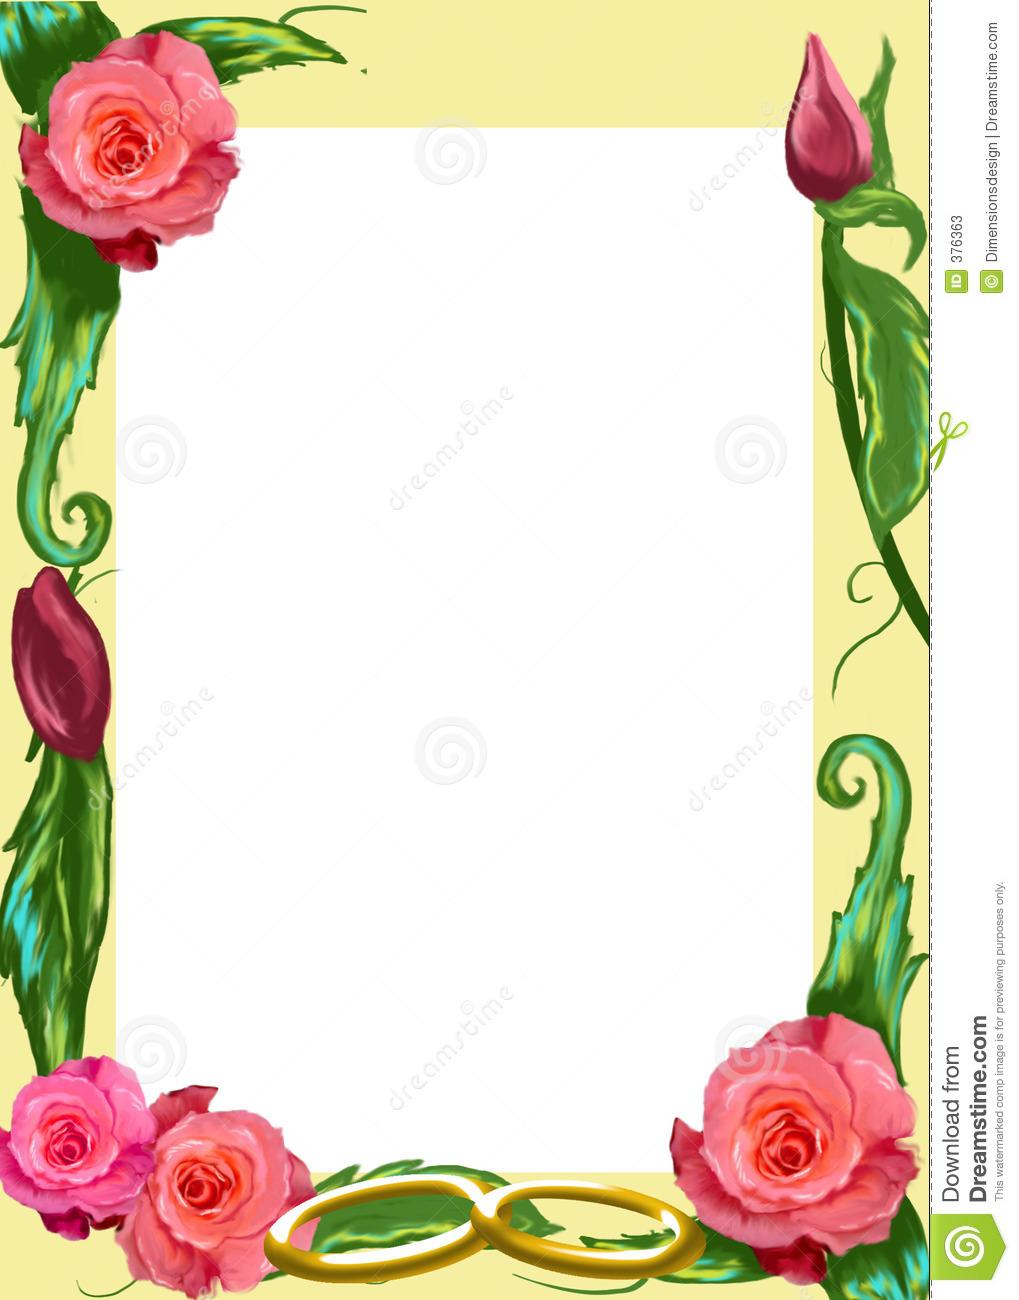 rose flower borders #19